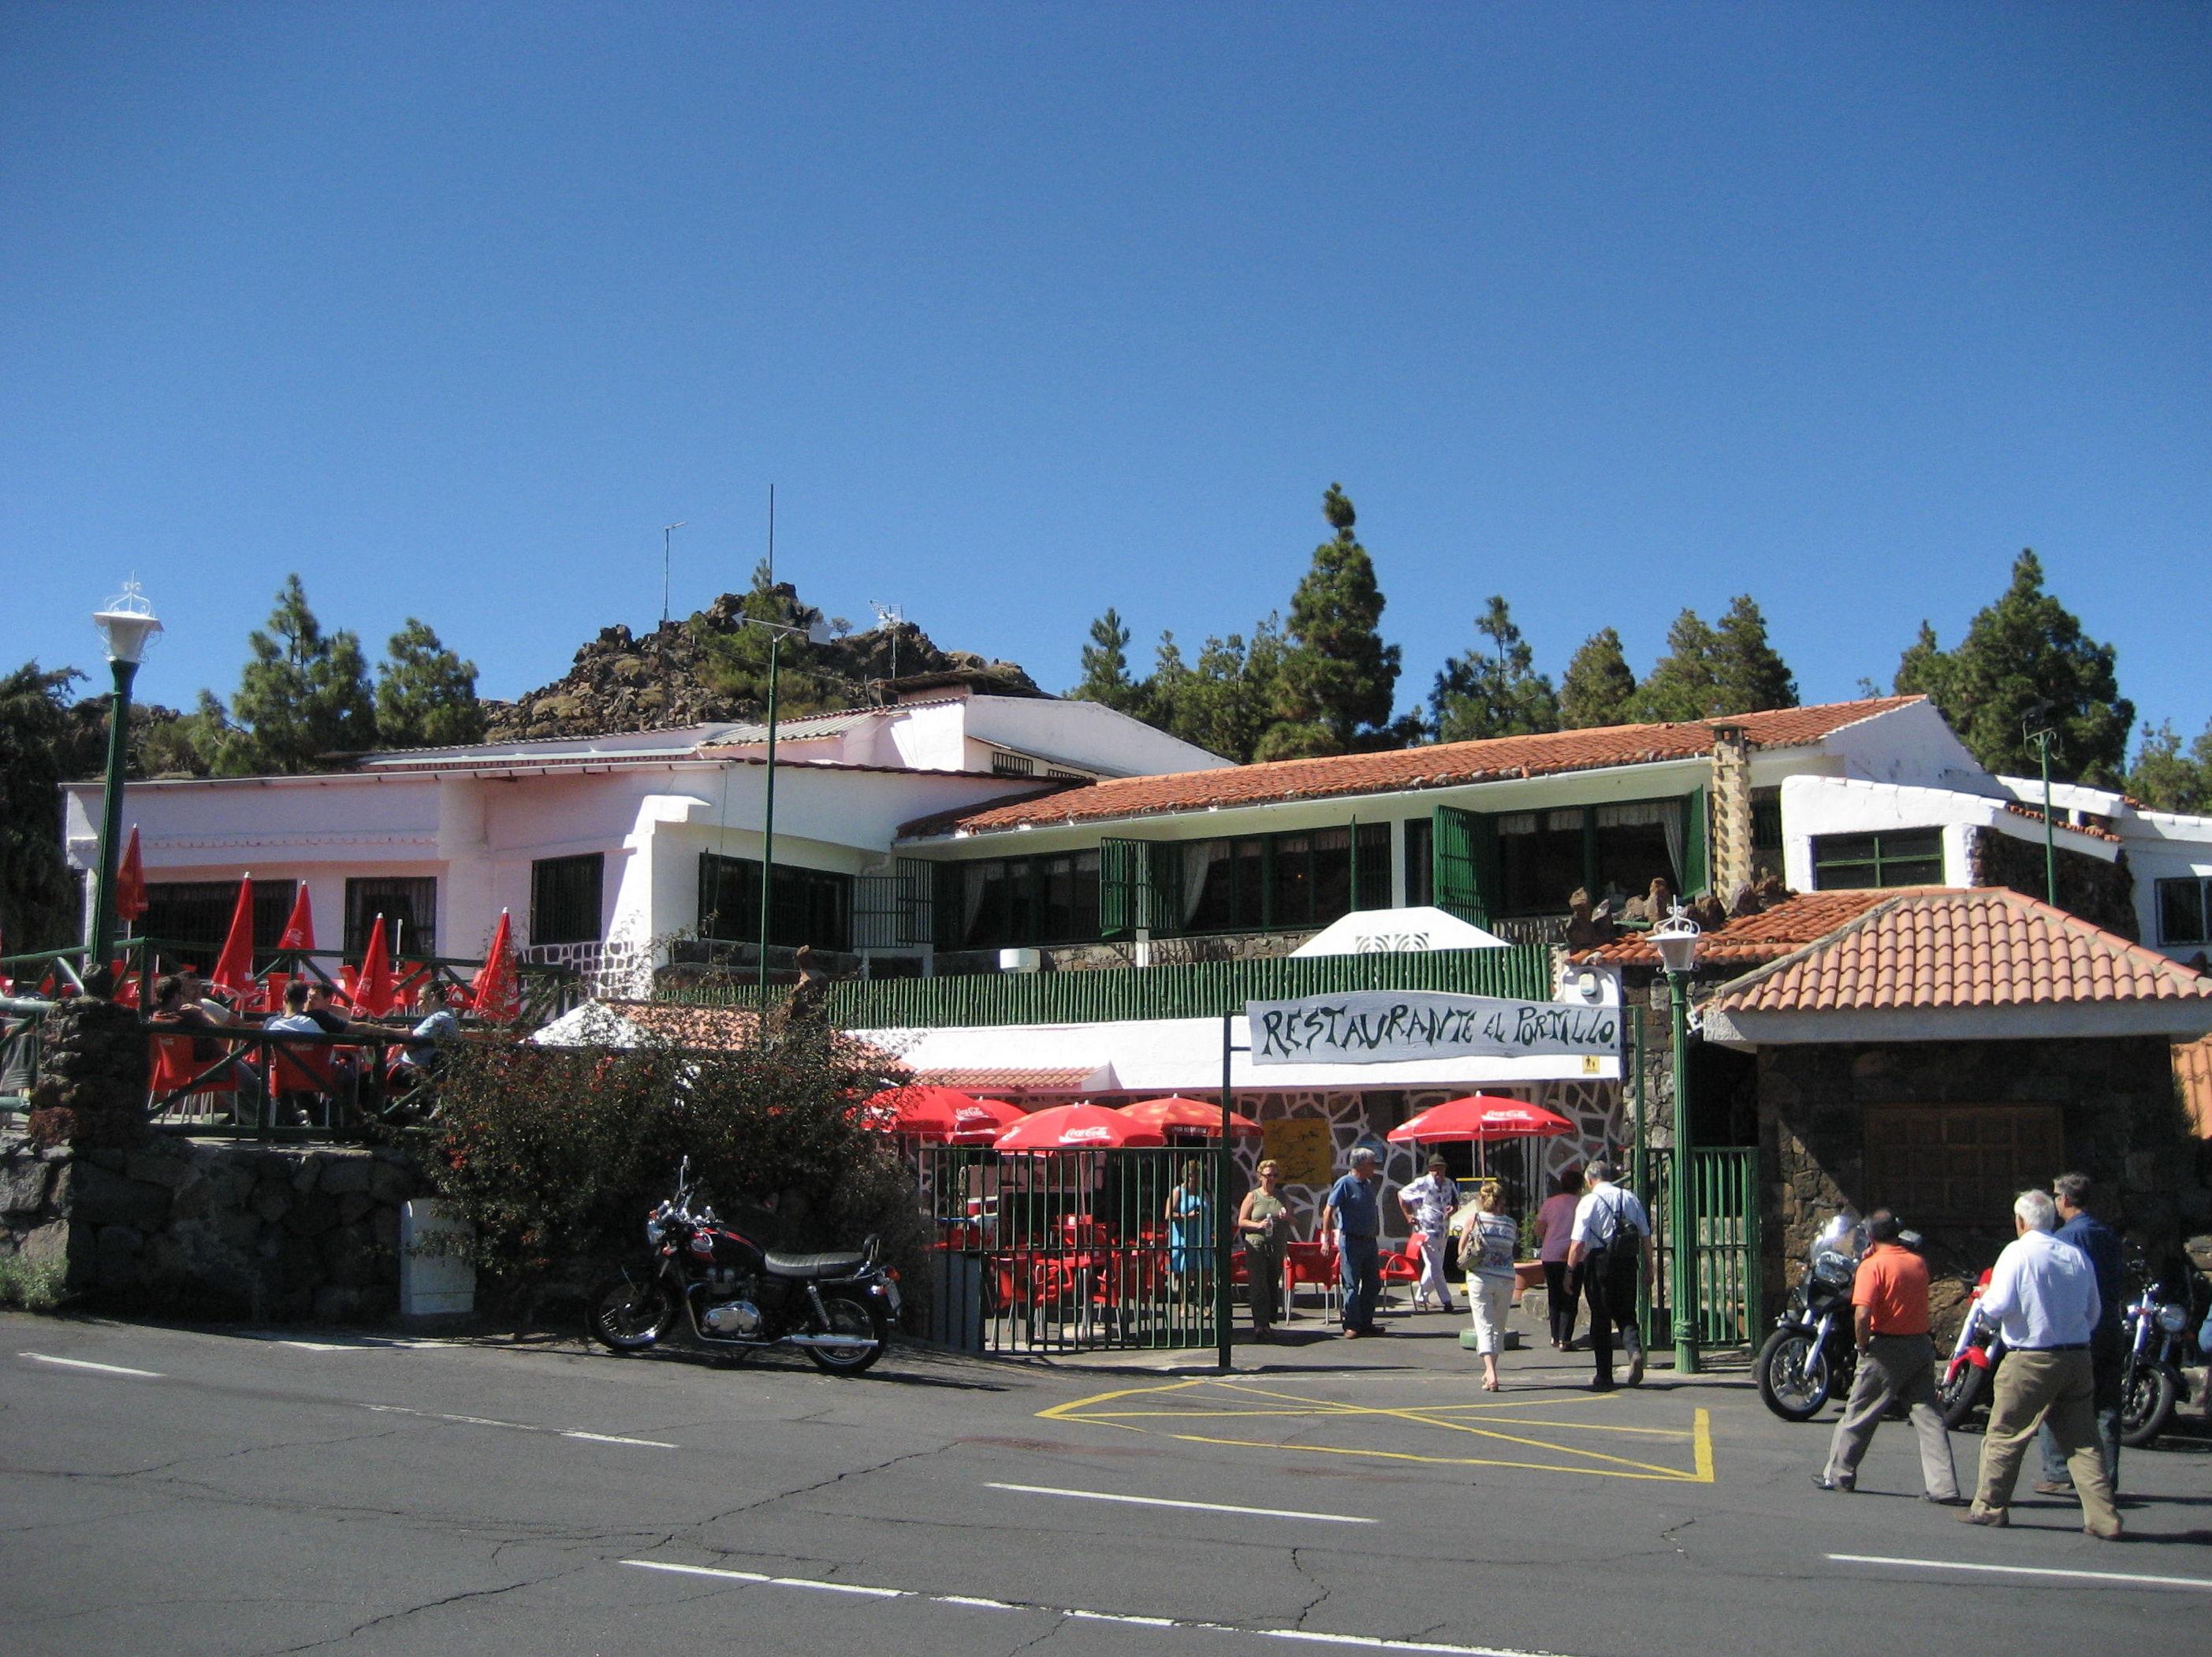 El mejor restaurante con vistas inigualables en Tenerife